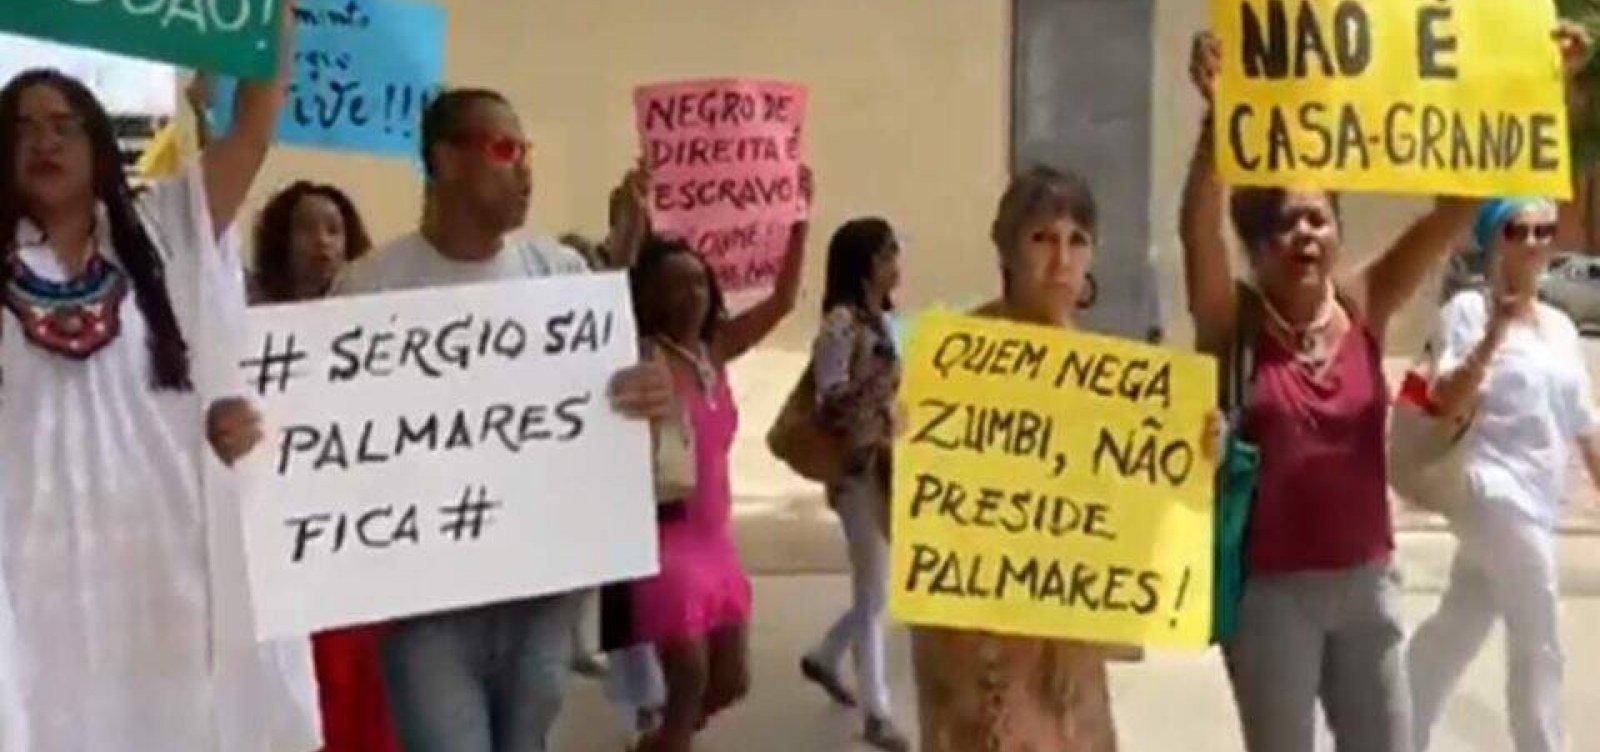 [Manifestantes fazem protesto na Fundação Palmares contra novo presidente]